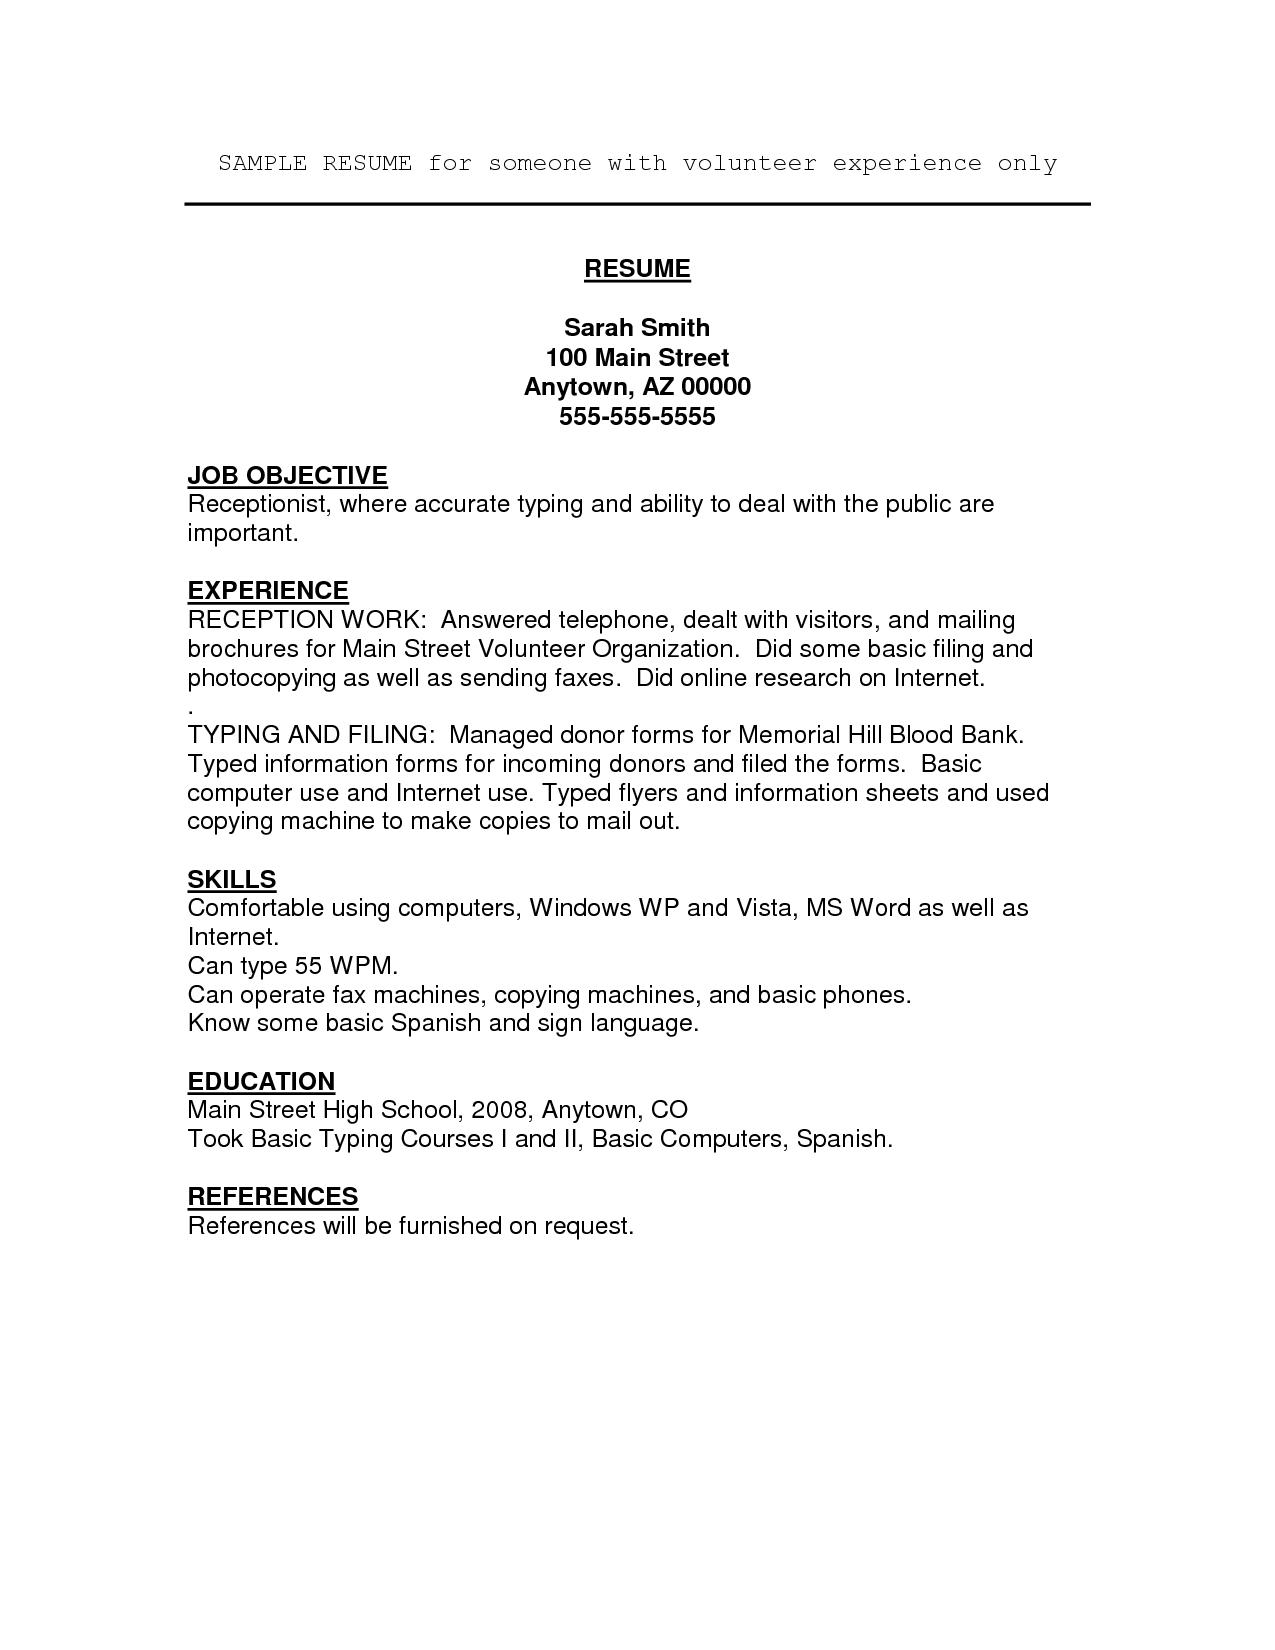 Work Resume Template Volunteer Work  Resume Format And Template